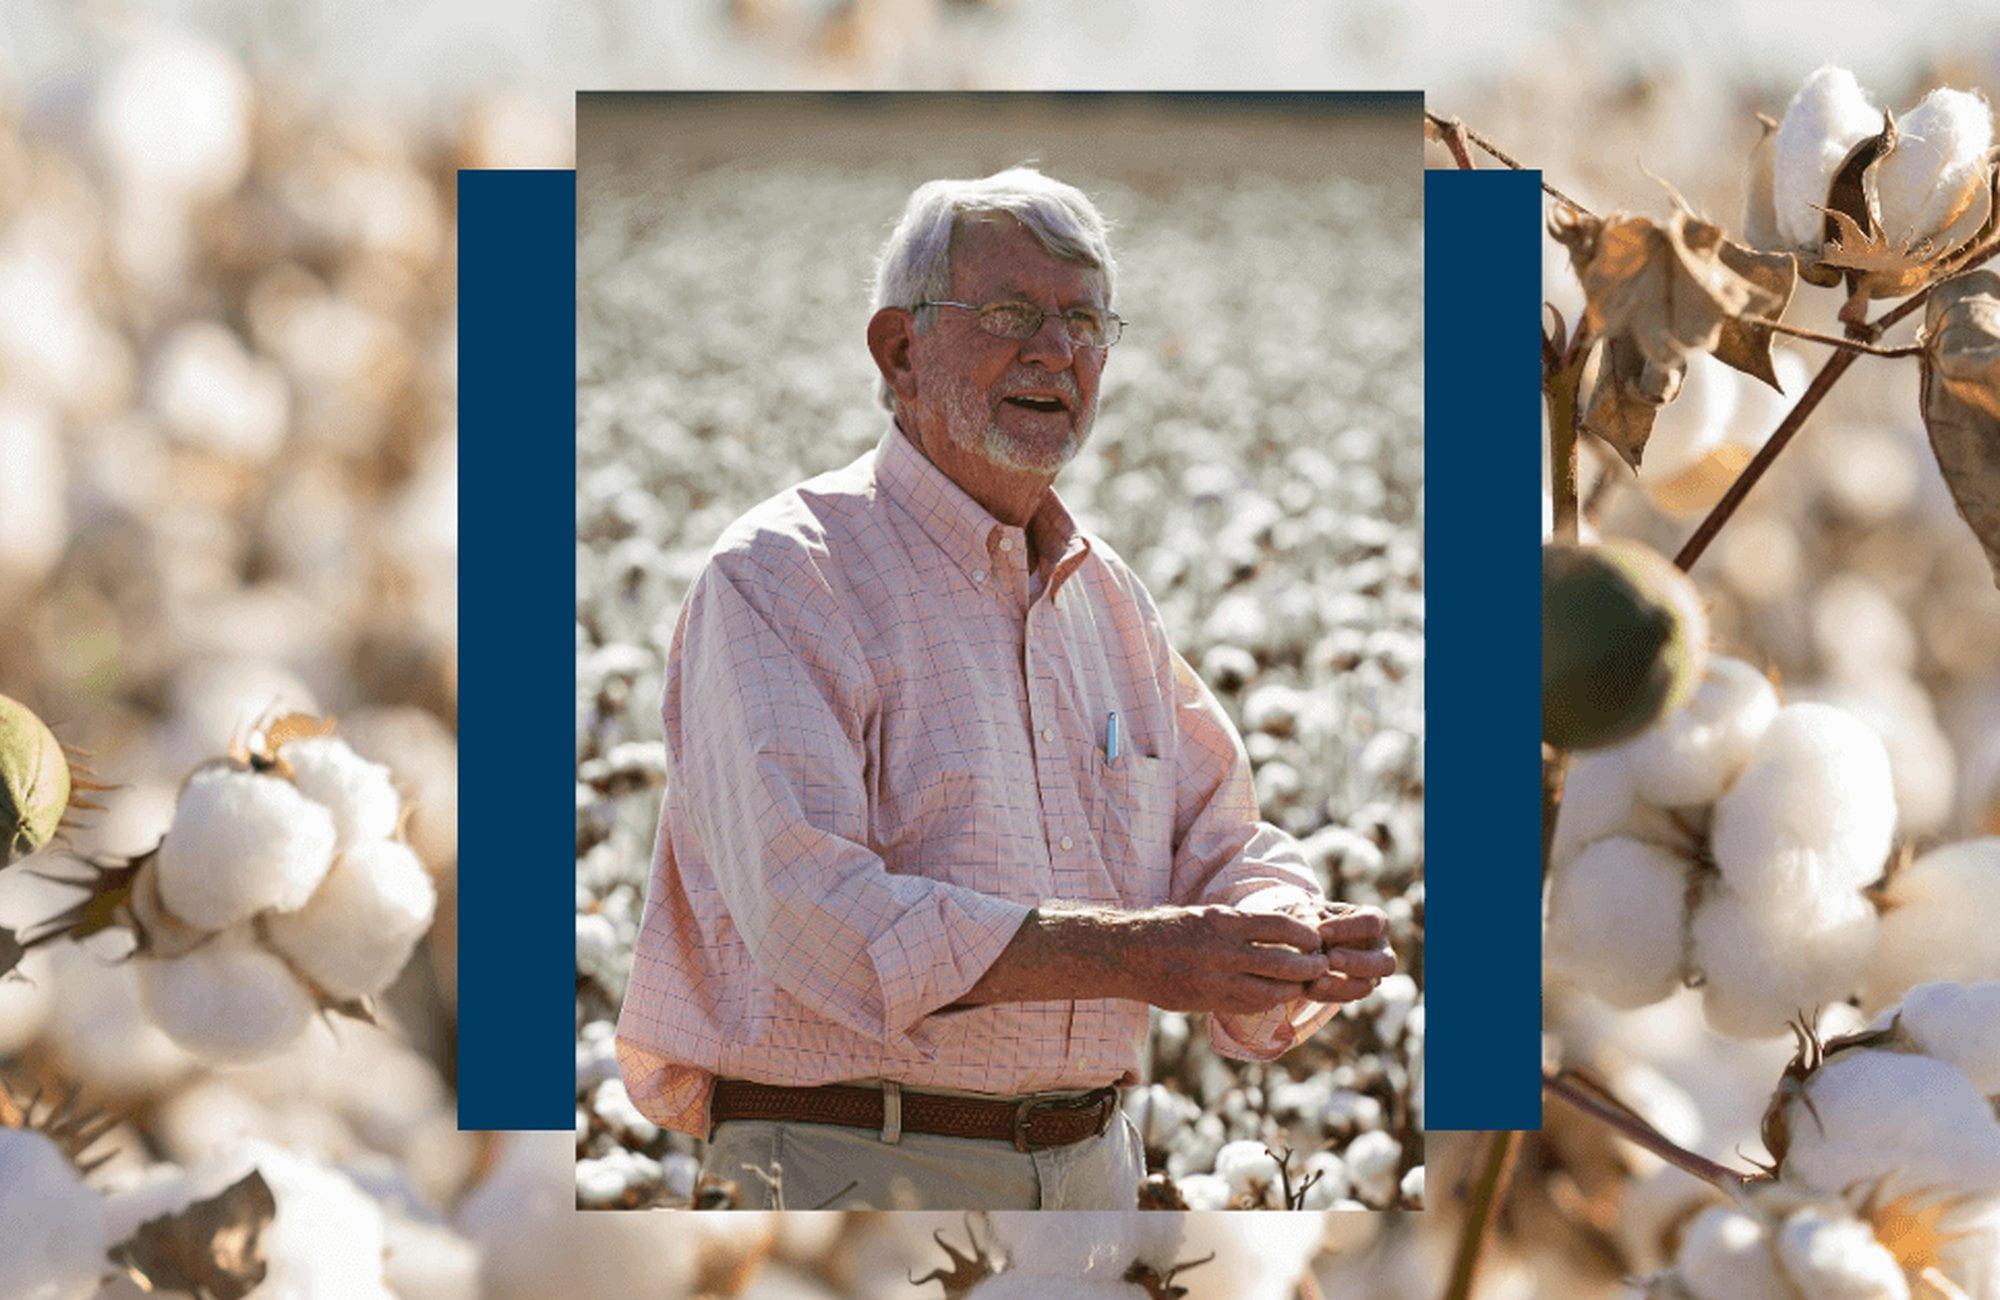 棉花和水的有前途的道路:世界水日